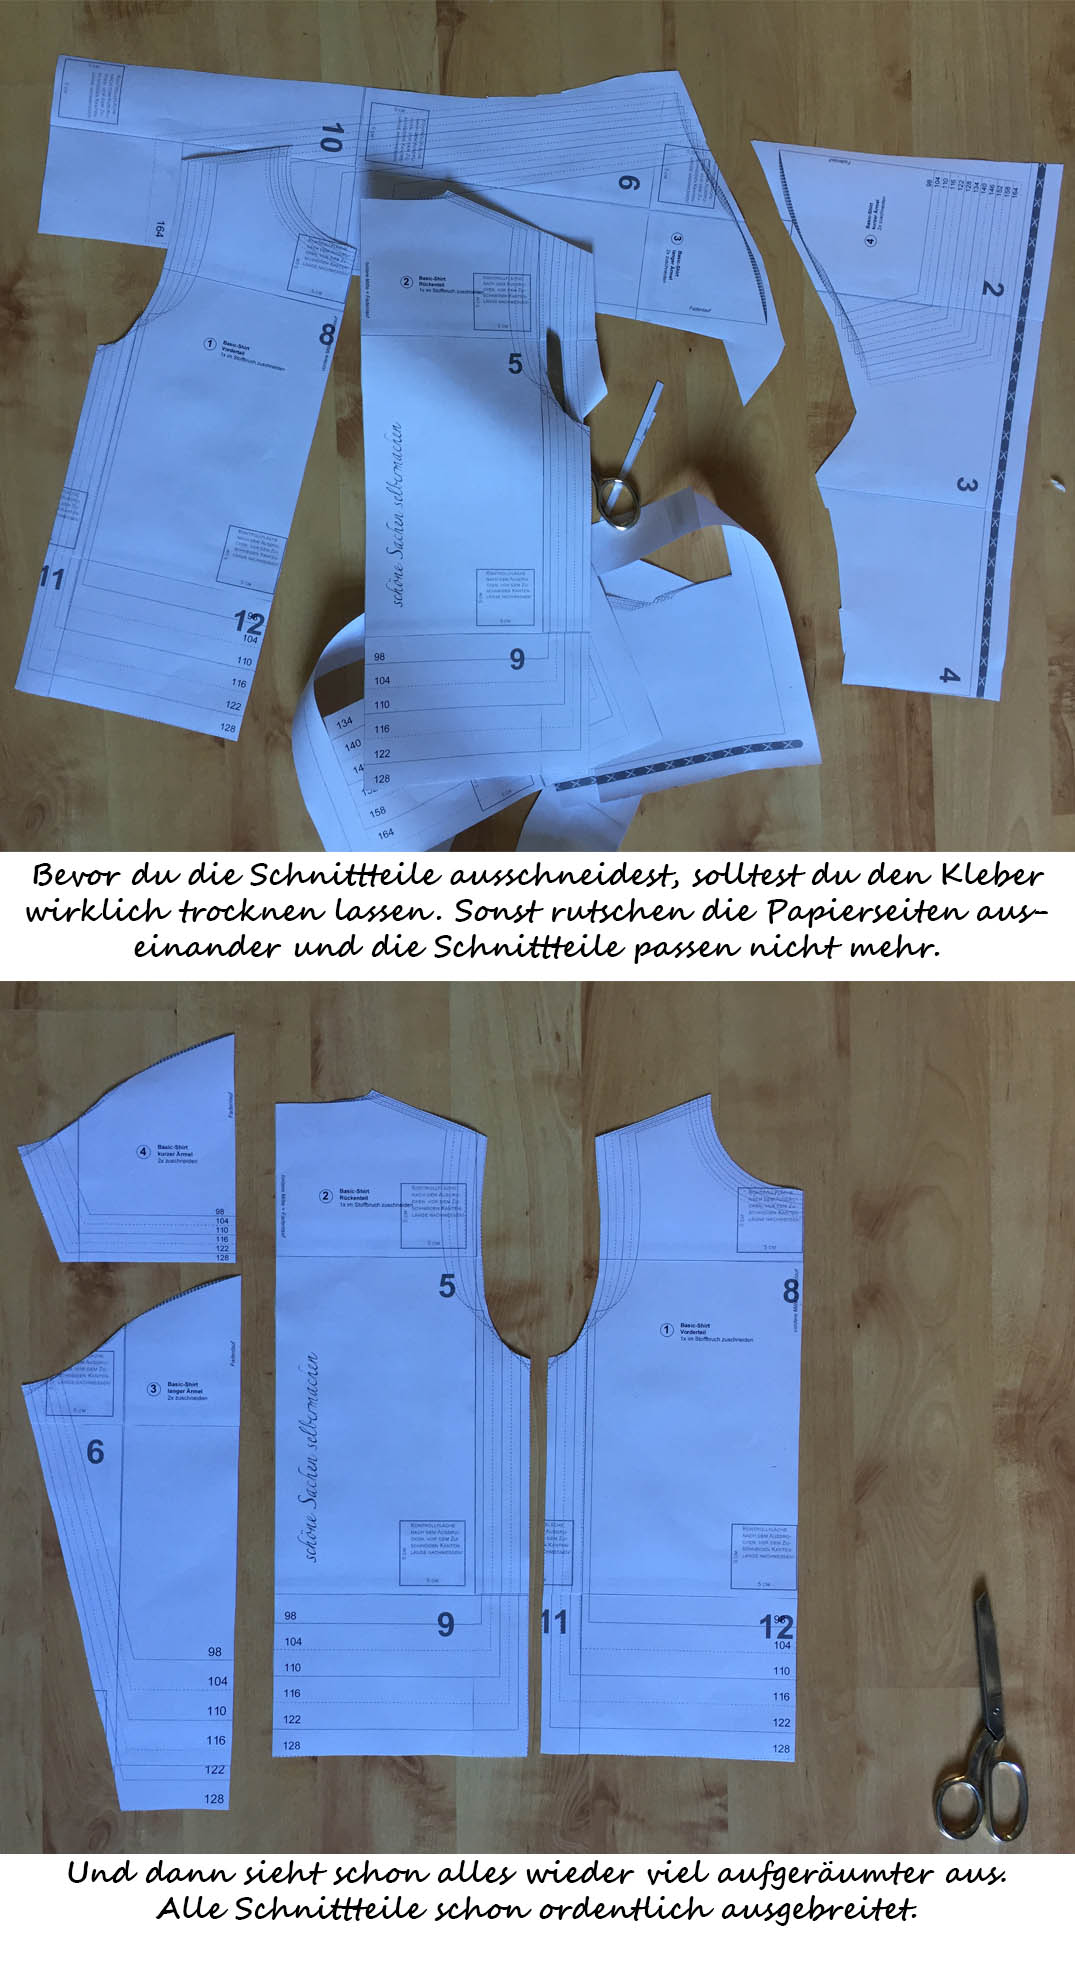 Schnitt_ausdrucken_und_kleben_3.jpg